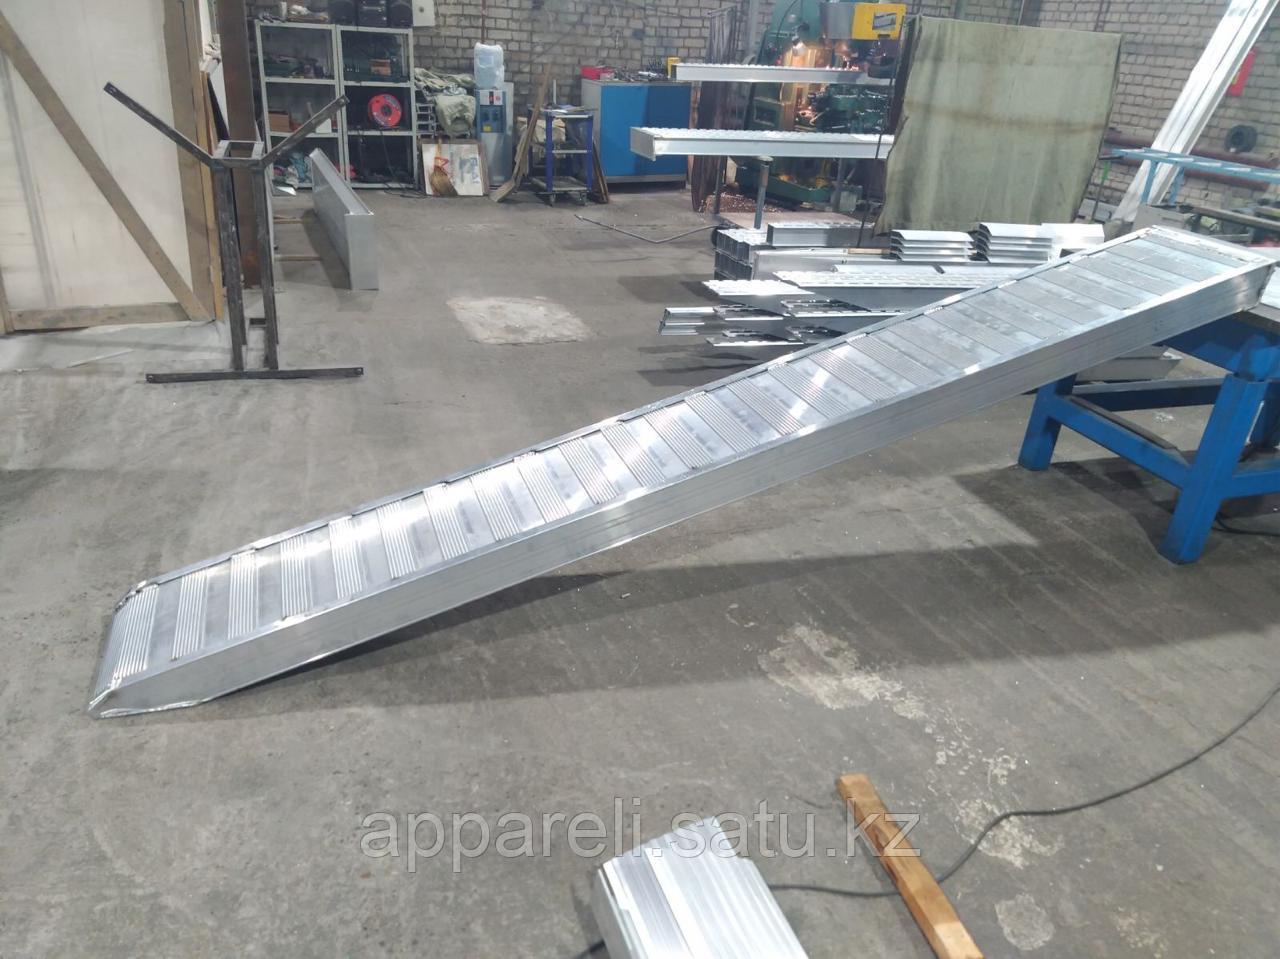 Аппарели, грузоподъёмность 7,5 тонн плоское покрытие